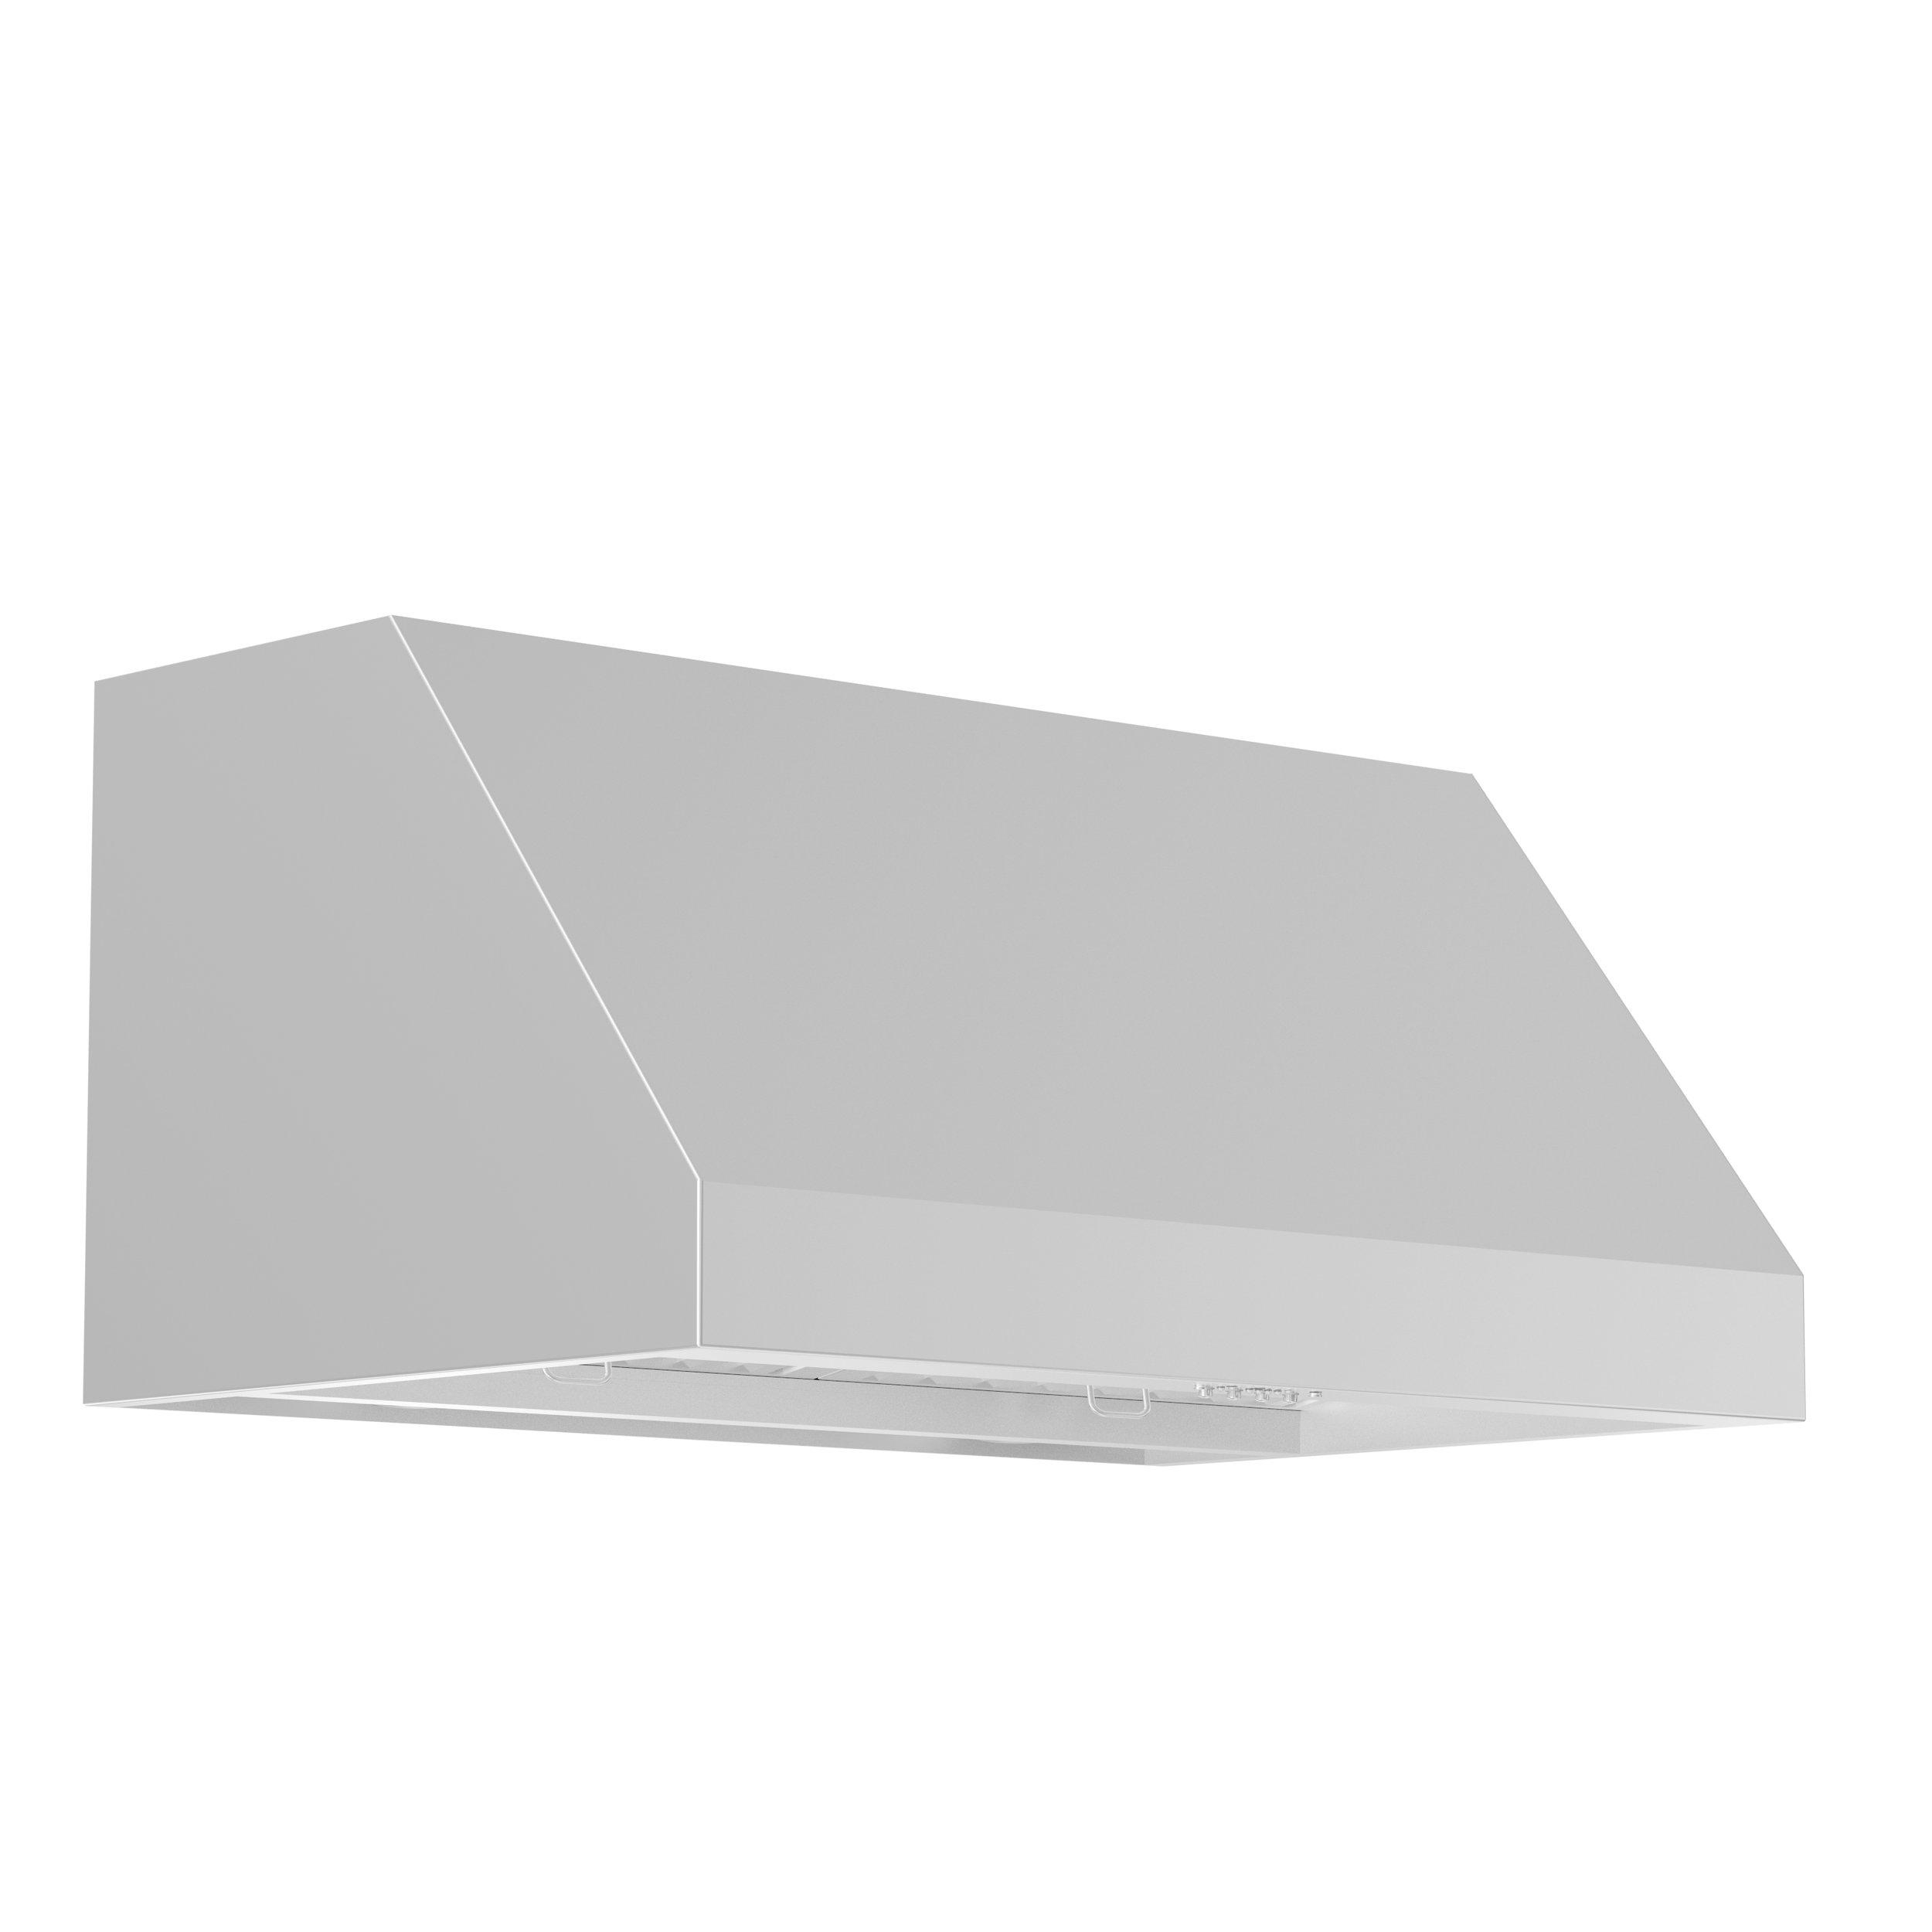 zline-stainless-steel-under-cabinet-range-hood-523-main.jpeg